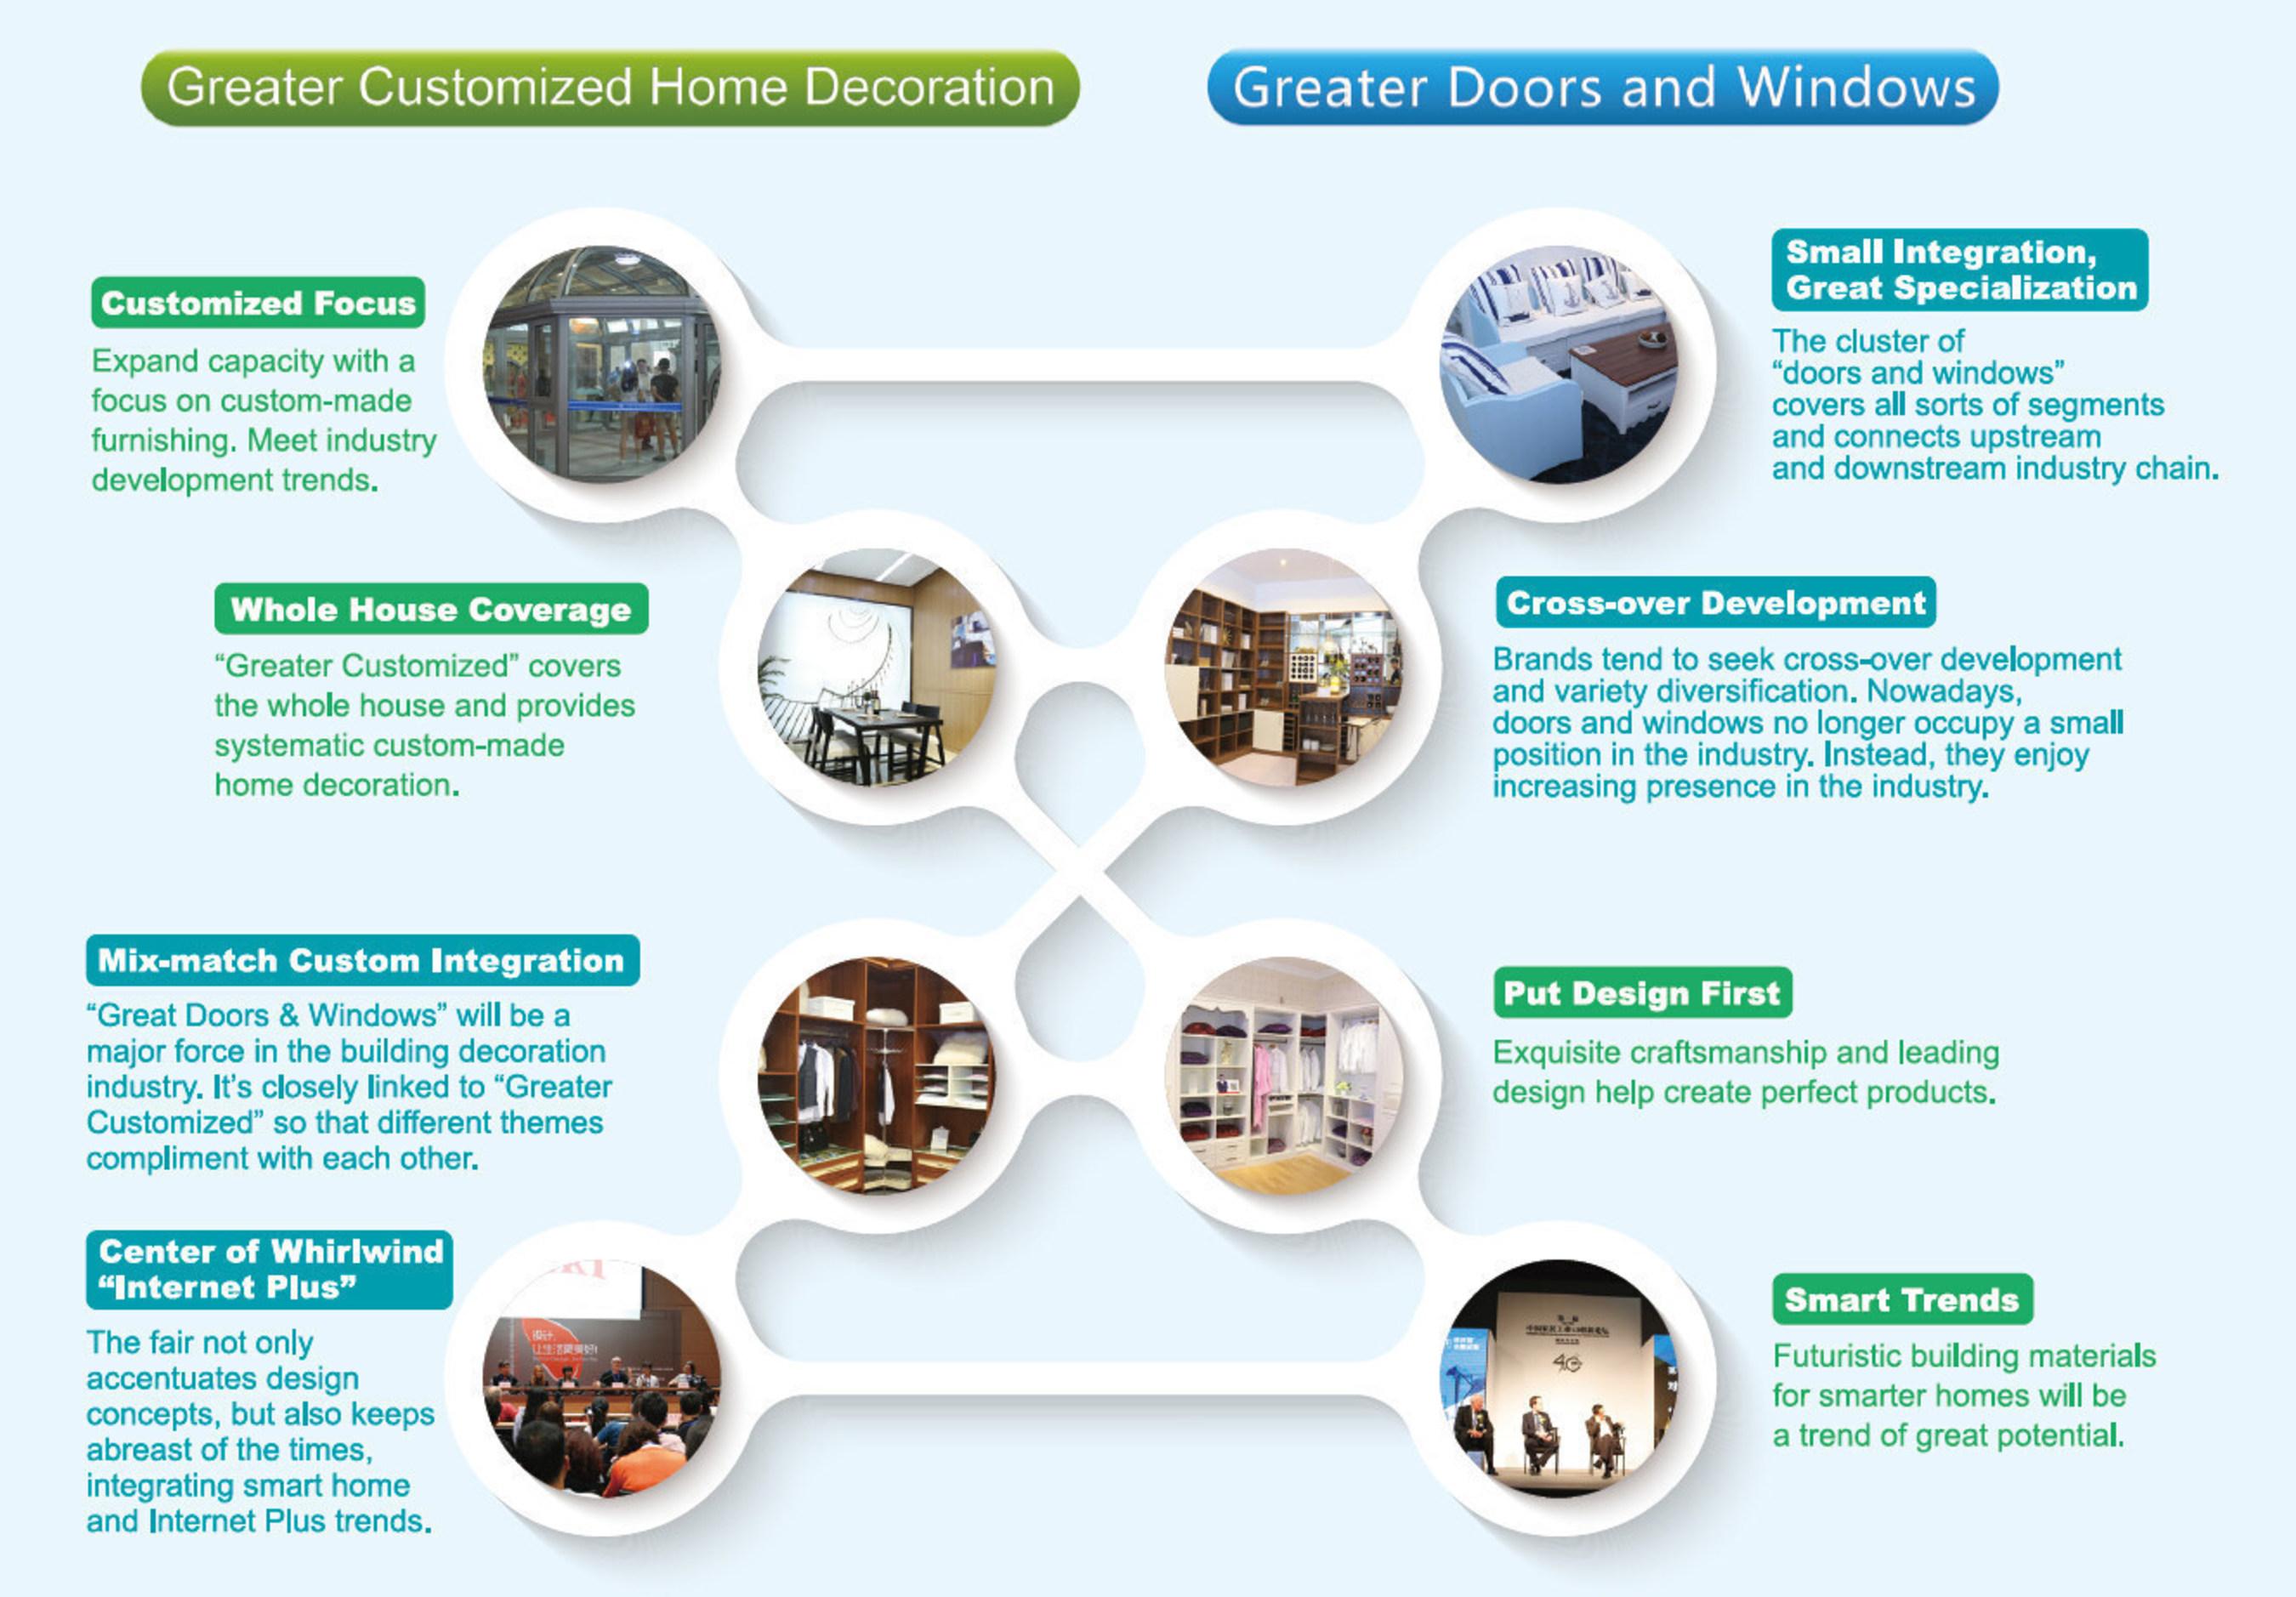 Организаторы Международной строительной выставки (в Шанхае) обнародовали план предстоящей